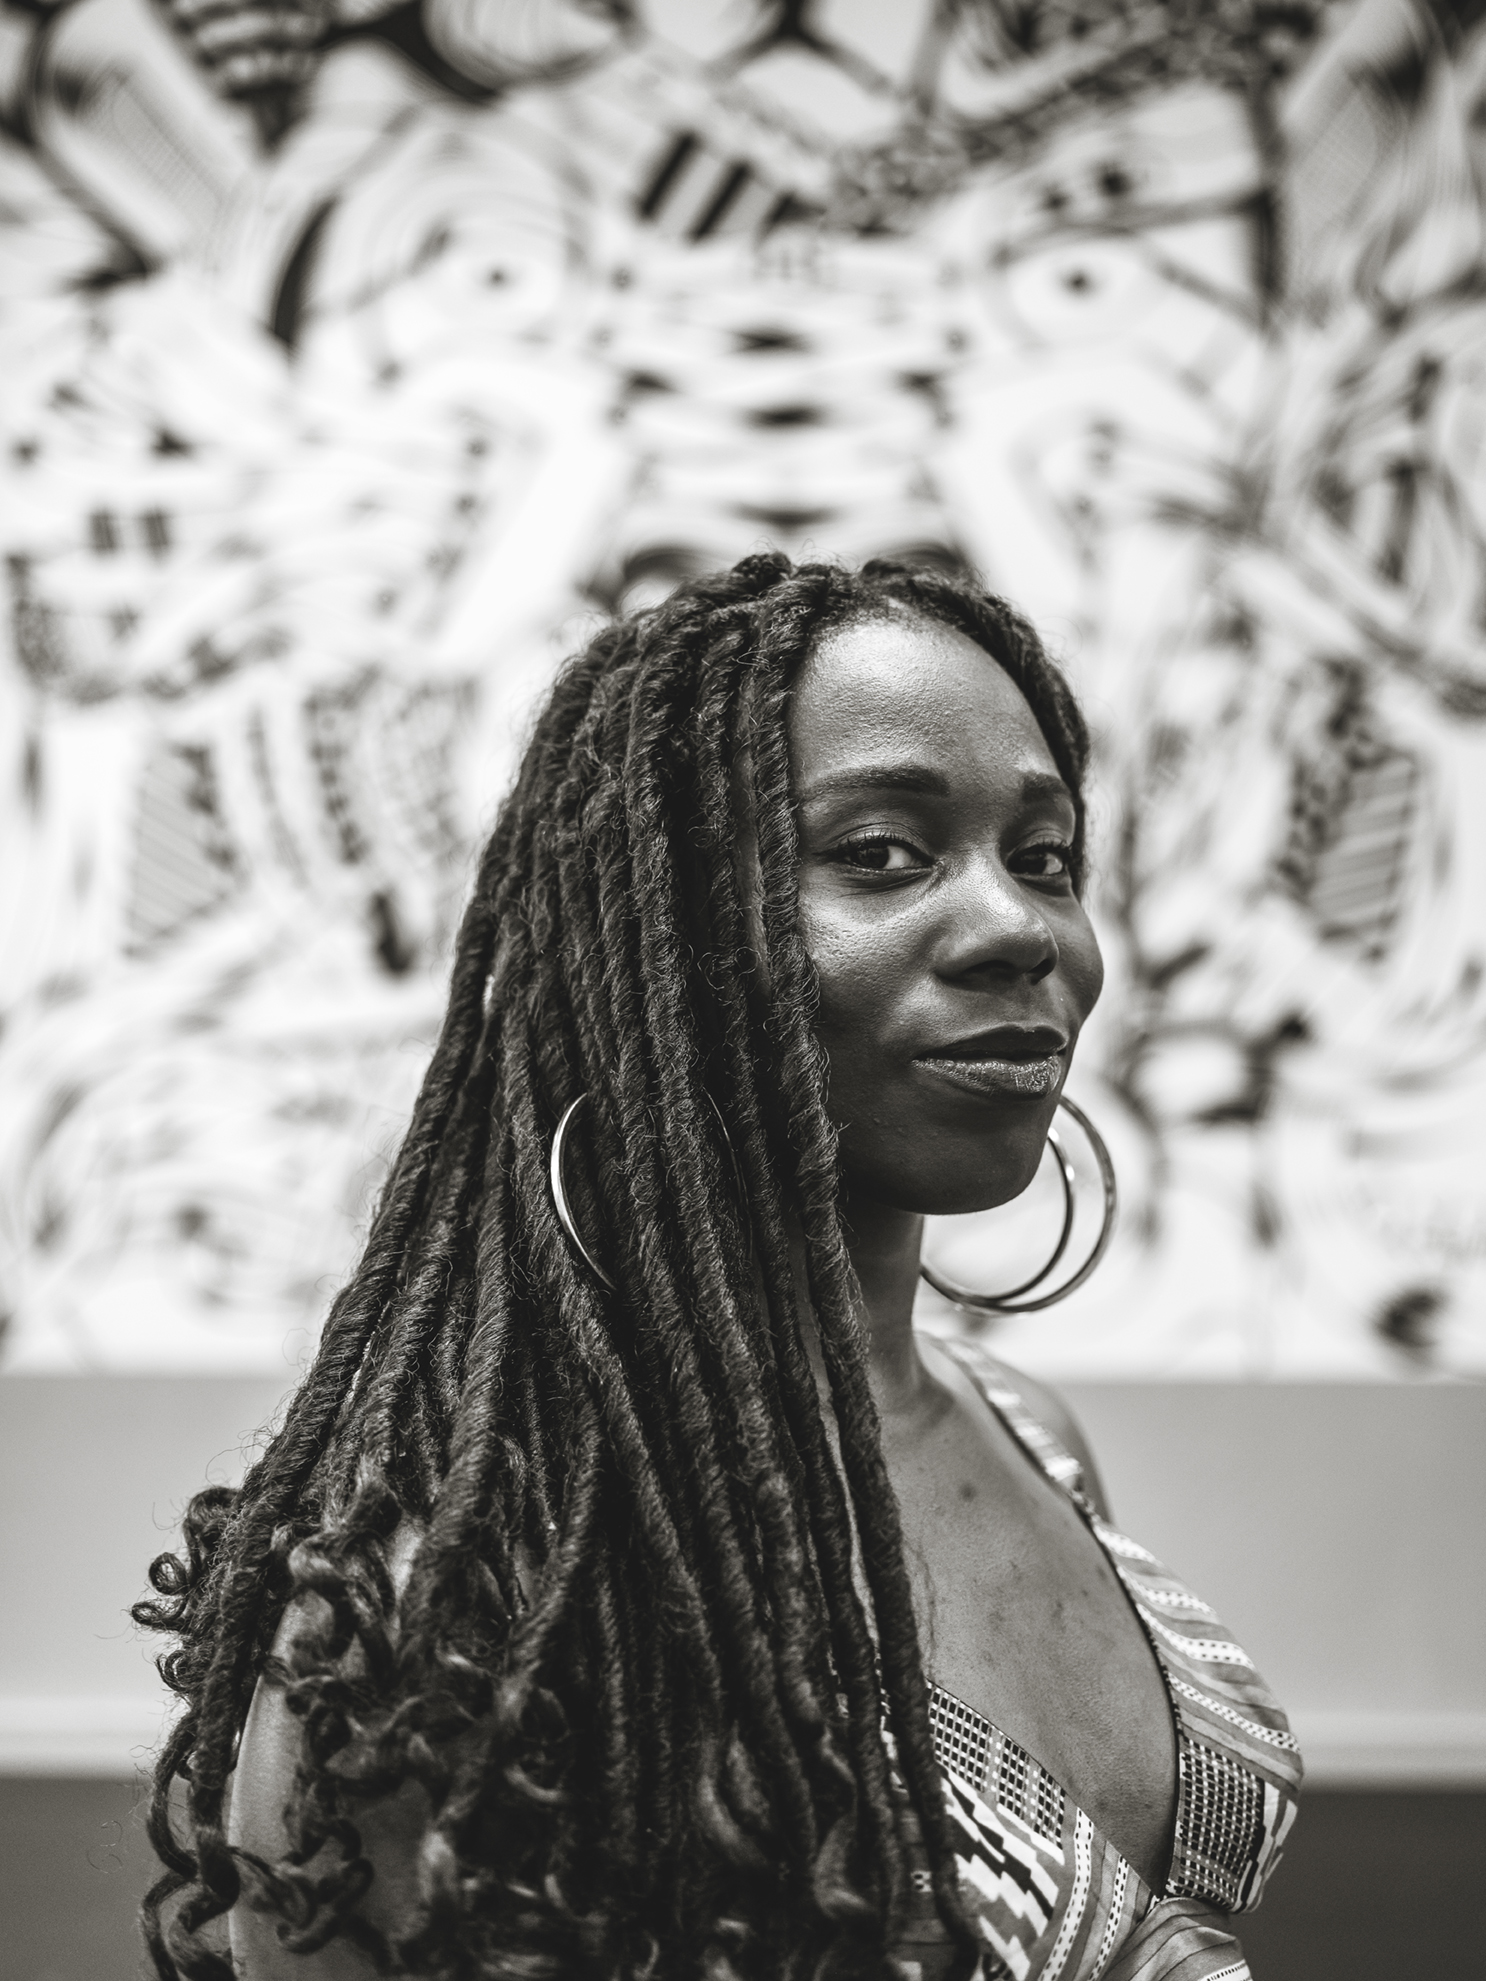 Game Changer | Aflanis: van toeschouwer naar deelnemer bij het HipHopHuis